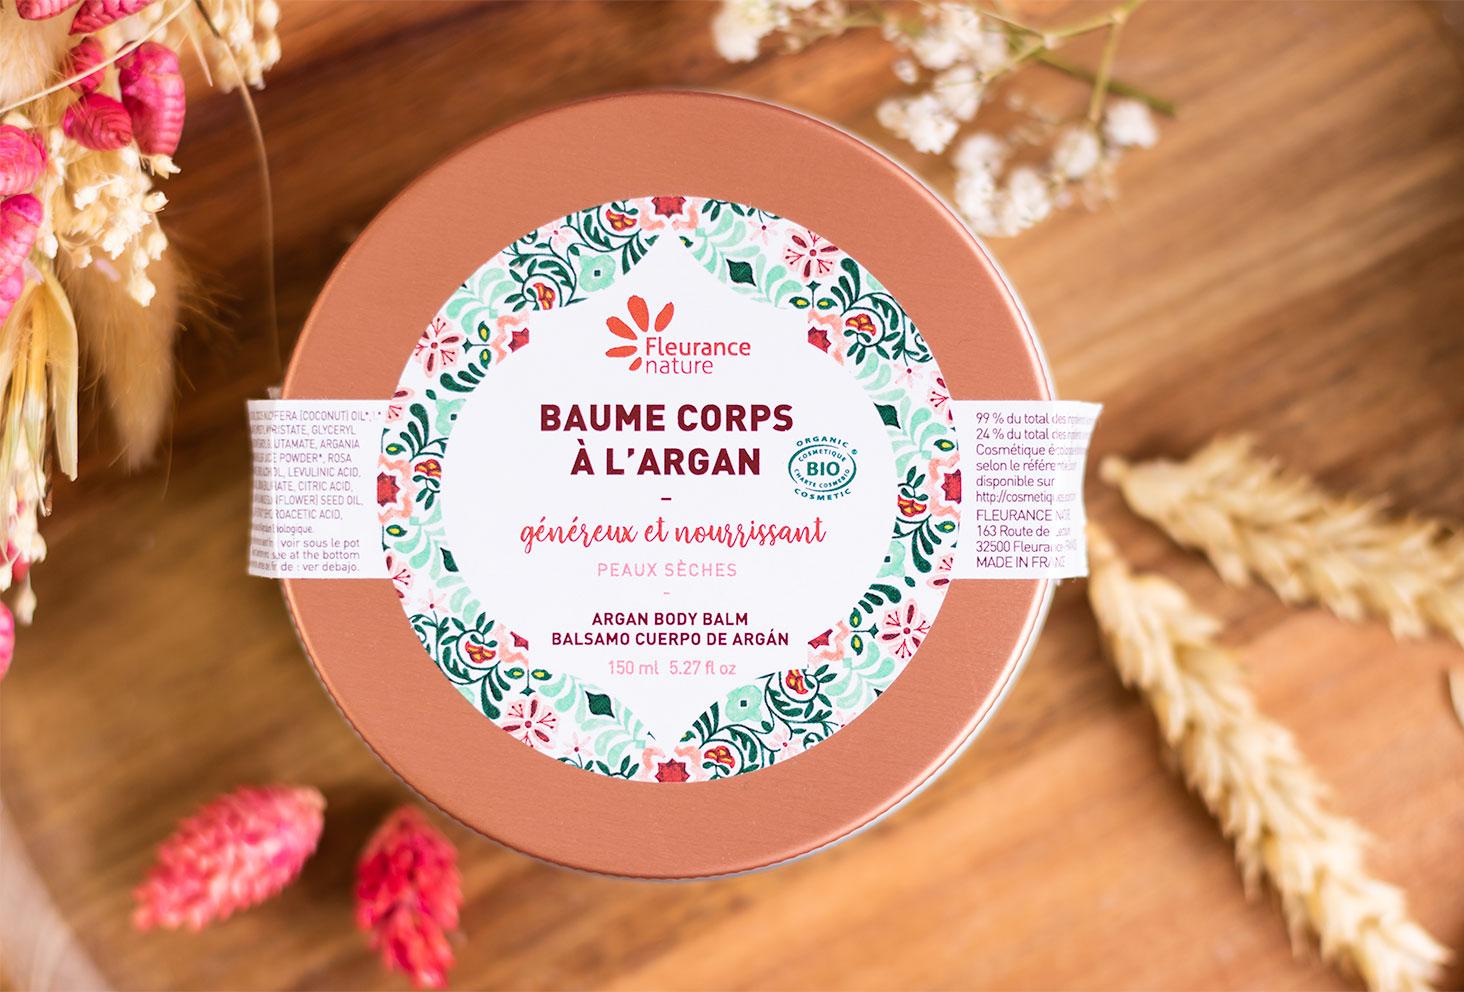 Zoom sur le packaging du baume corps à l'argan de Fleurance Nature en collaboration avec L'encrerie Marine pour le packaging